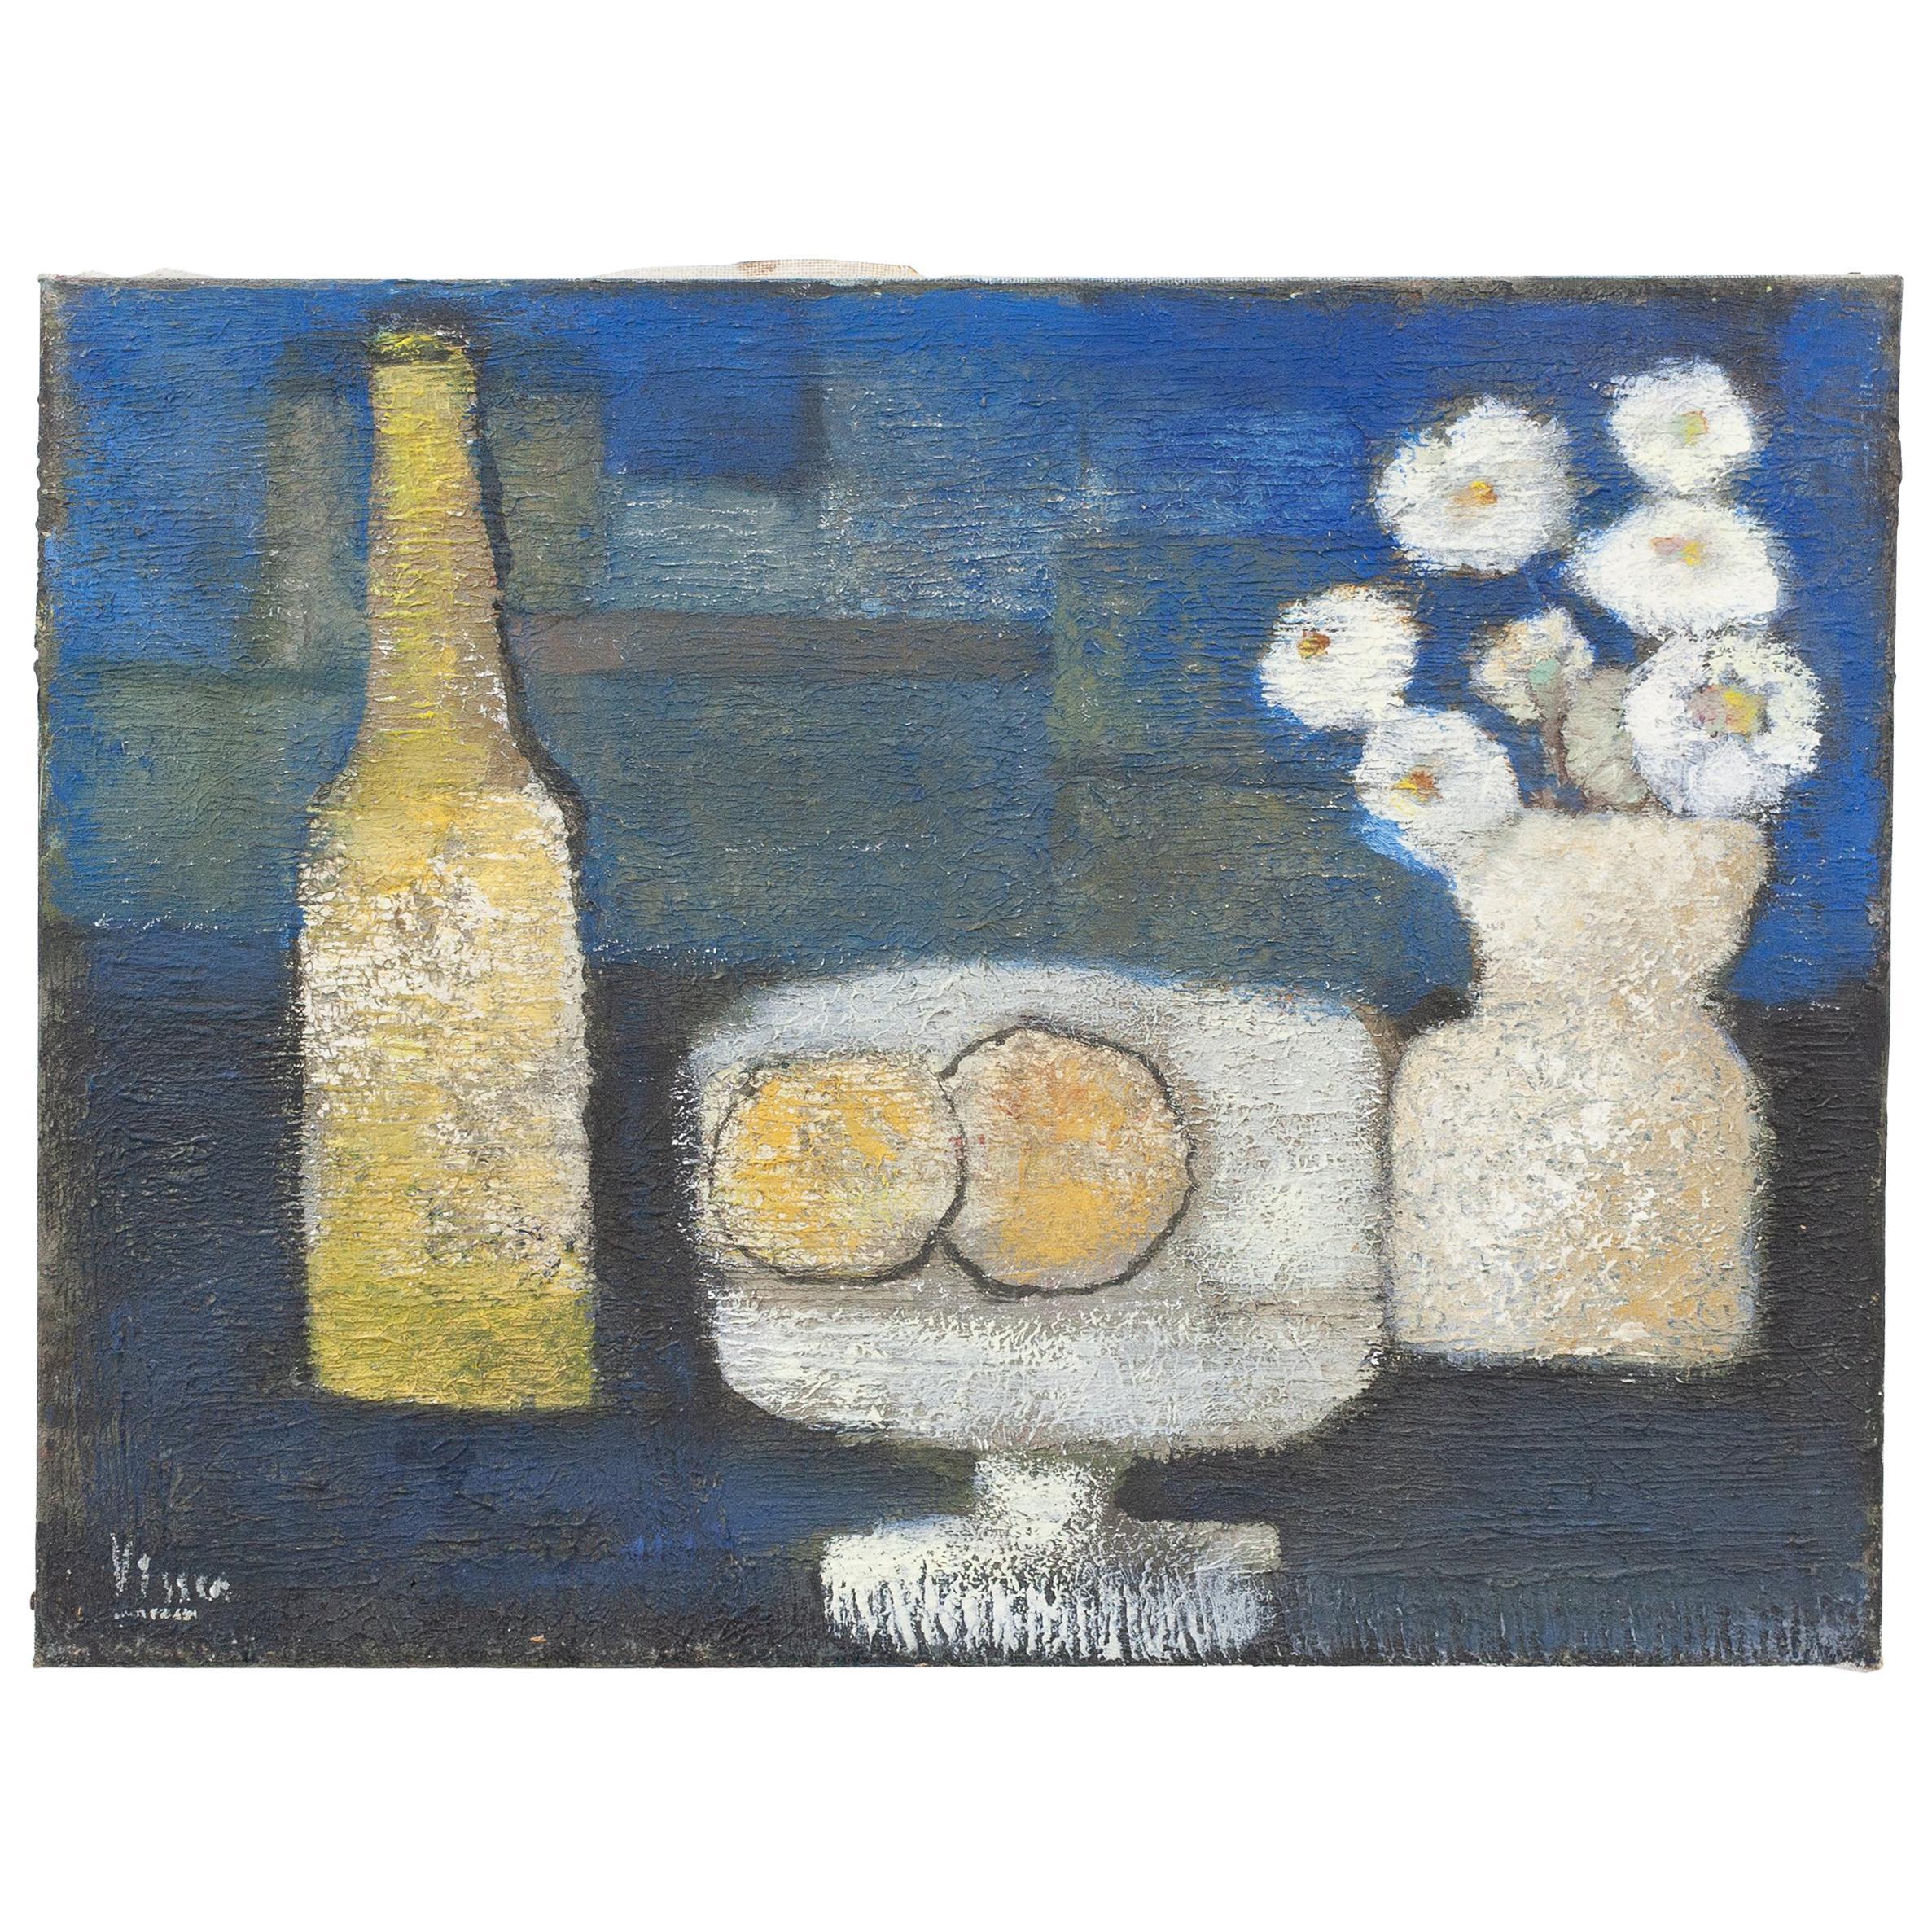 Still Life in Oil on Canvas, G.P. Visser